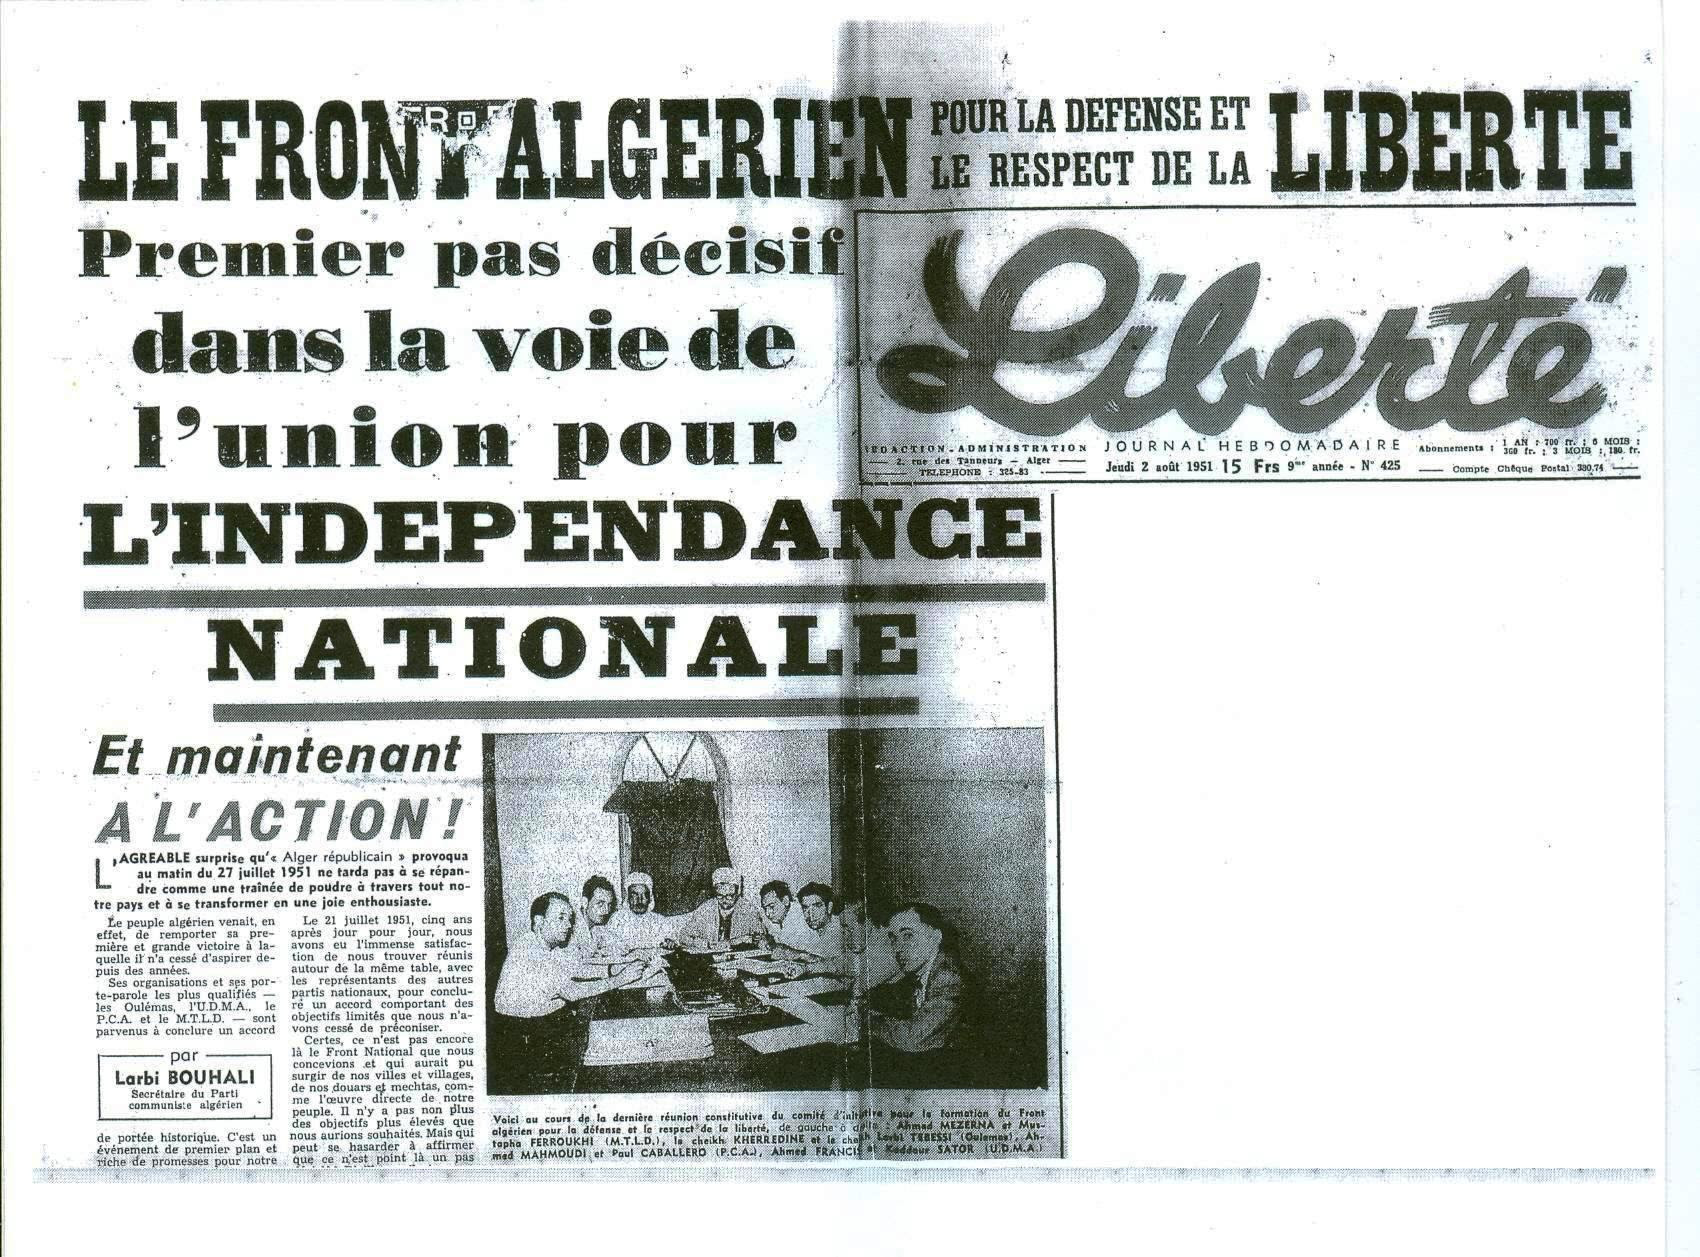 Chronologie Des Faits Et Mouvements Sociaux Et Politiques En